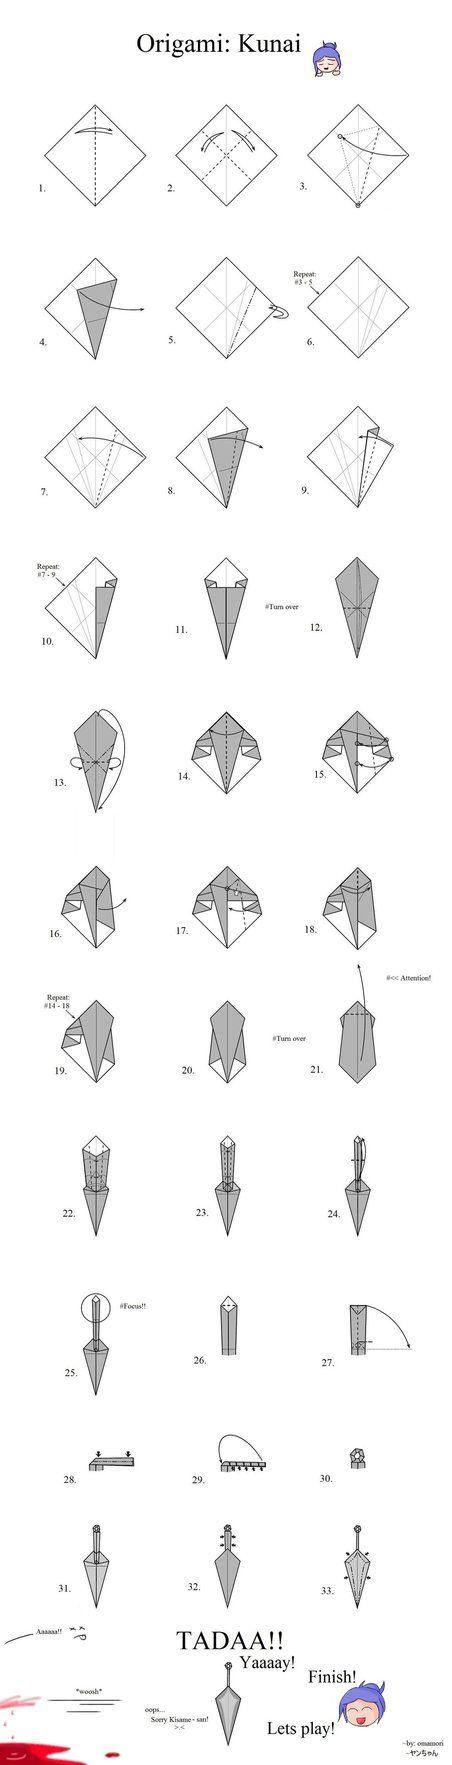 how to make an origami kunai